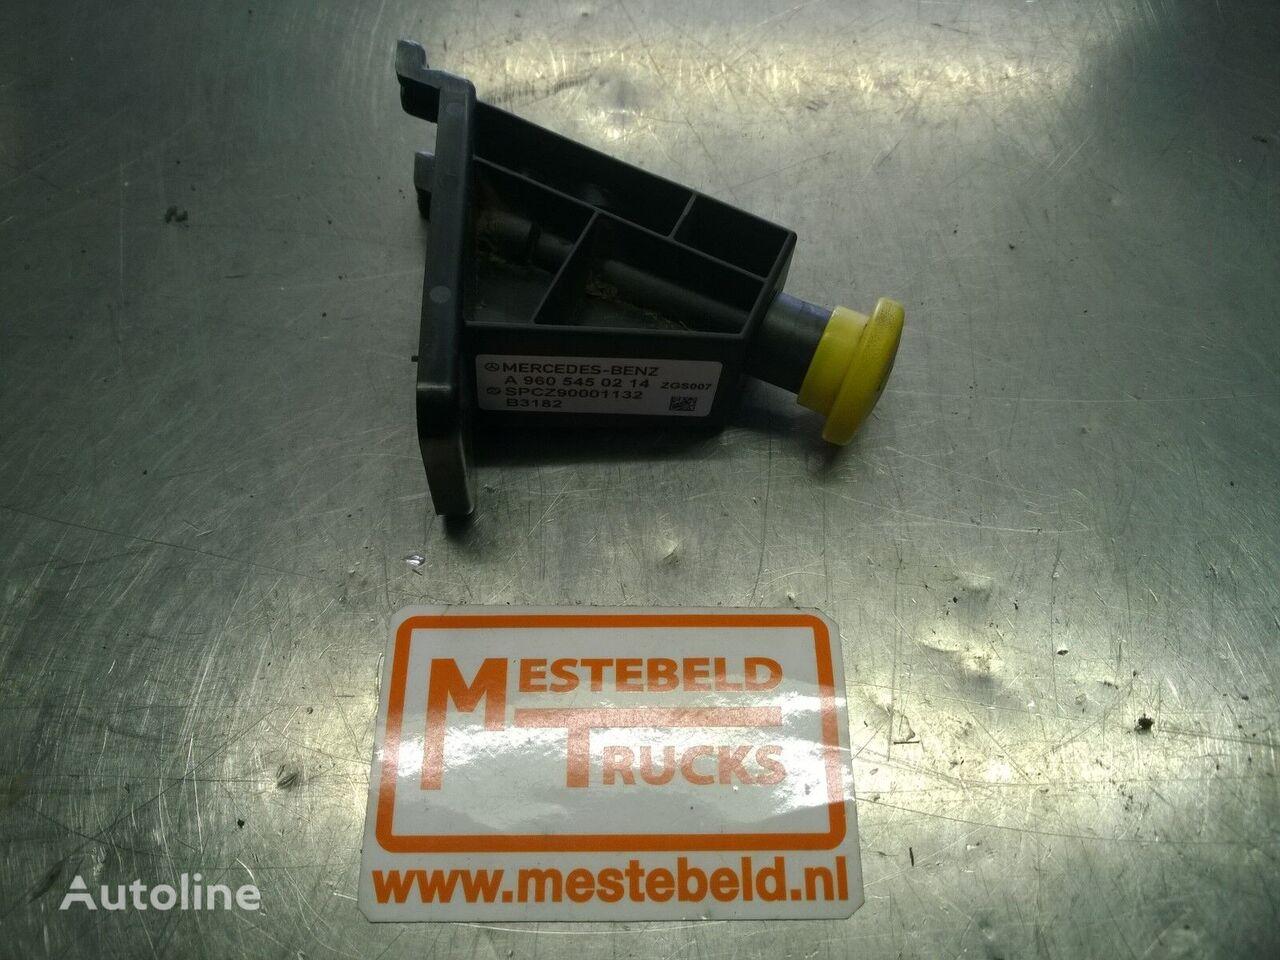 панель приборов  Schakelaar stuurverstelling для грузовика MERCEDES-BENZ Schakelaar stuurverstelling